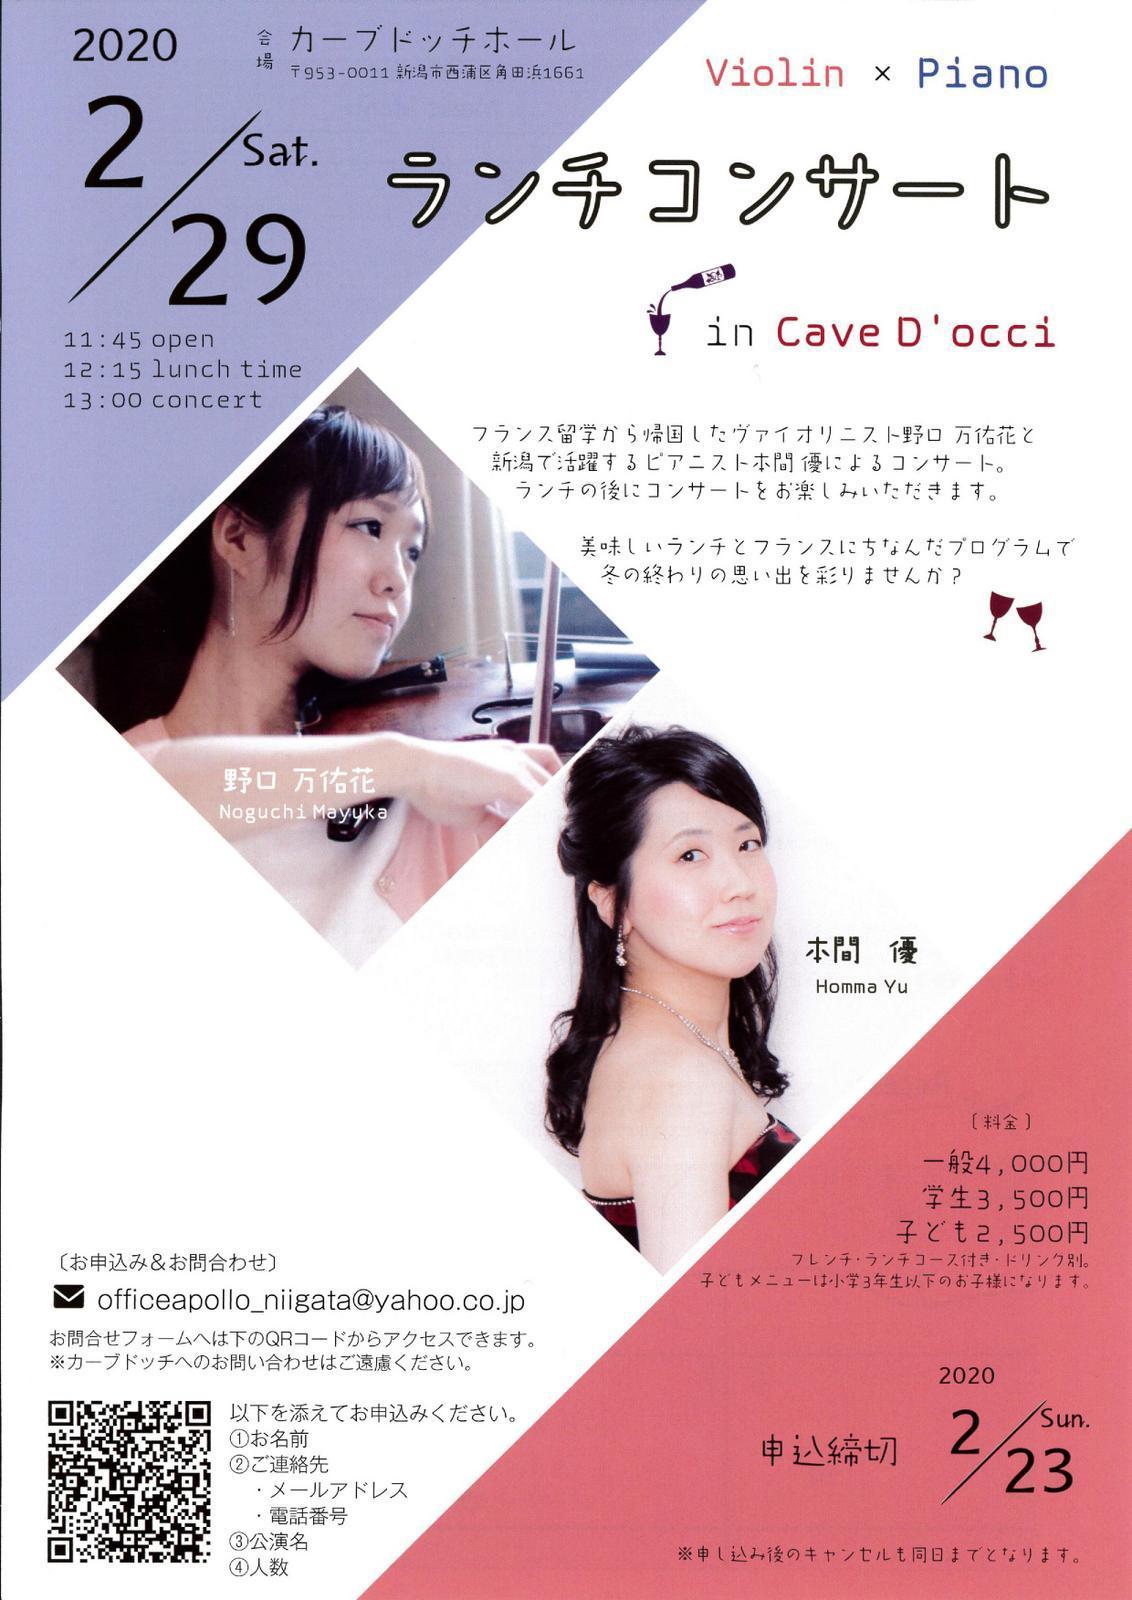 明日は岩渕仁美さん。若い皆さん頑張っています!_e0046190_18360111.jpg